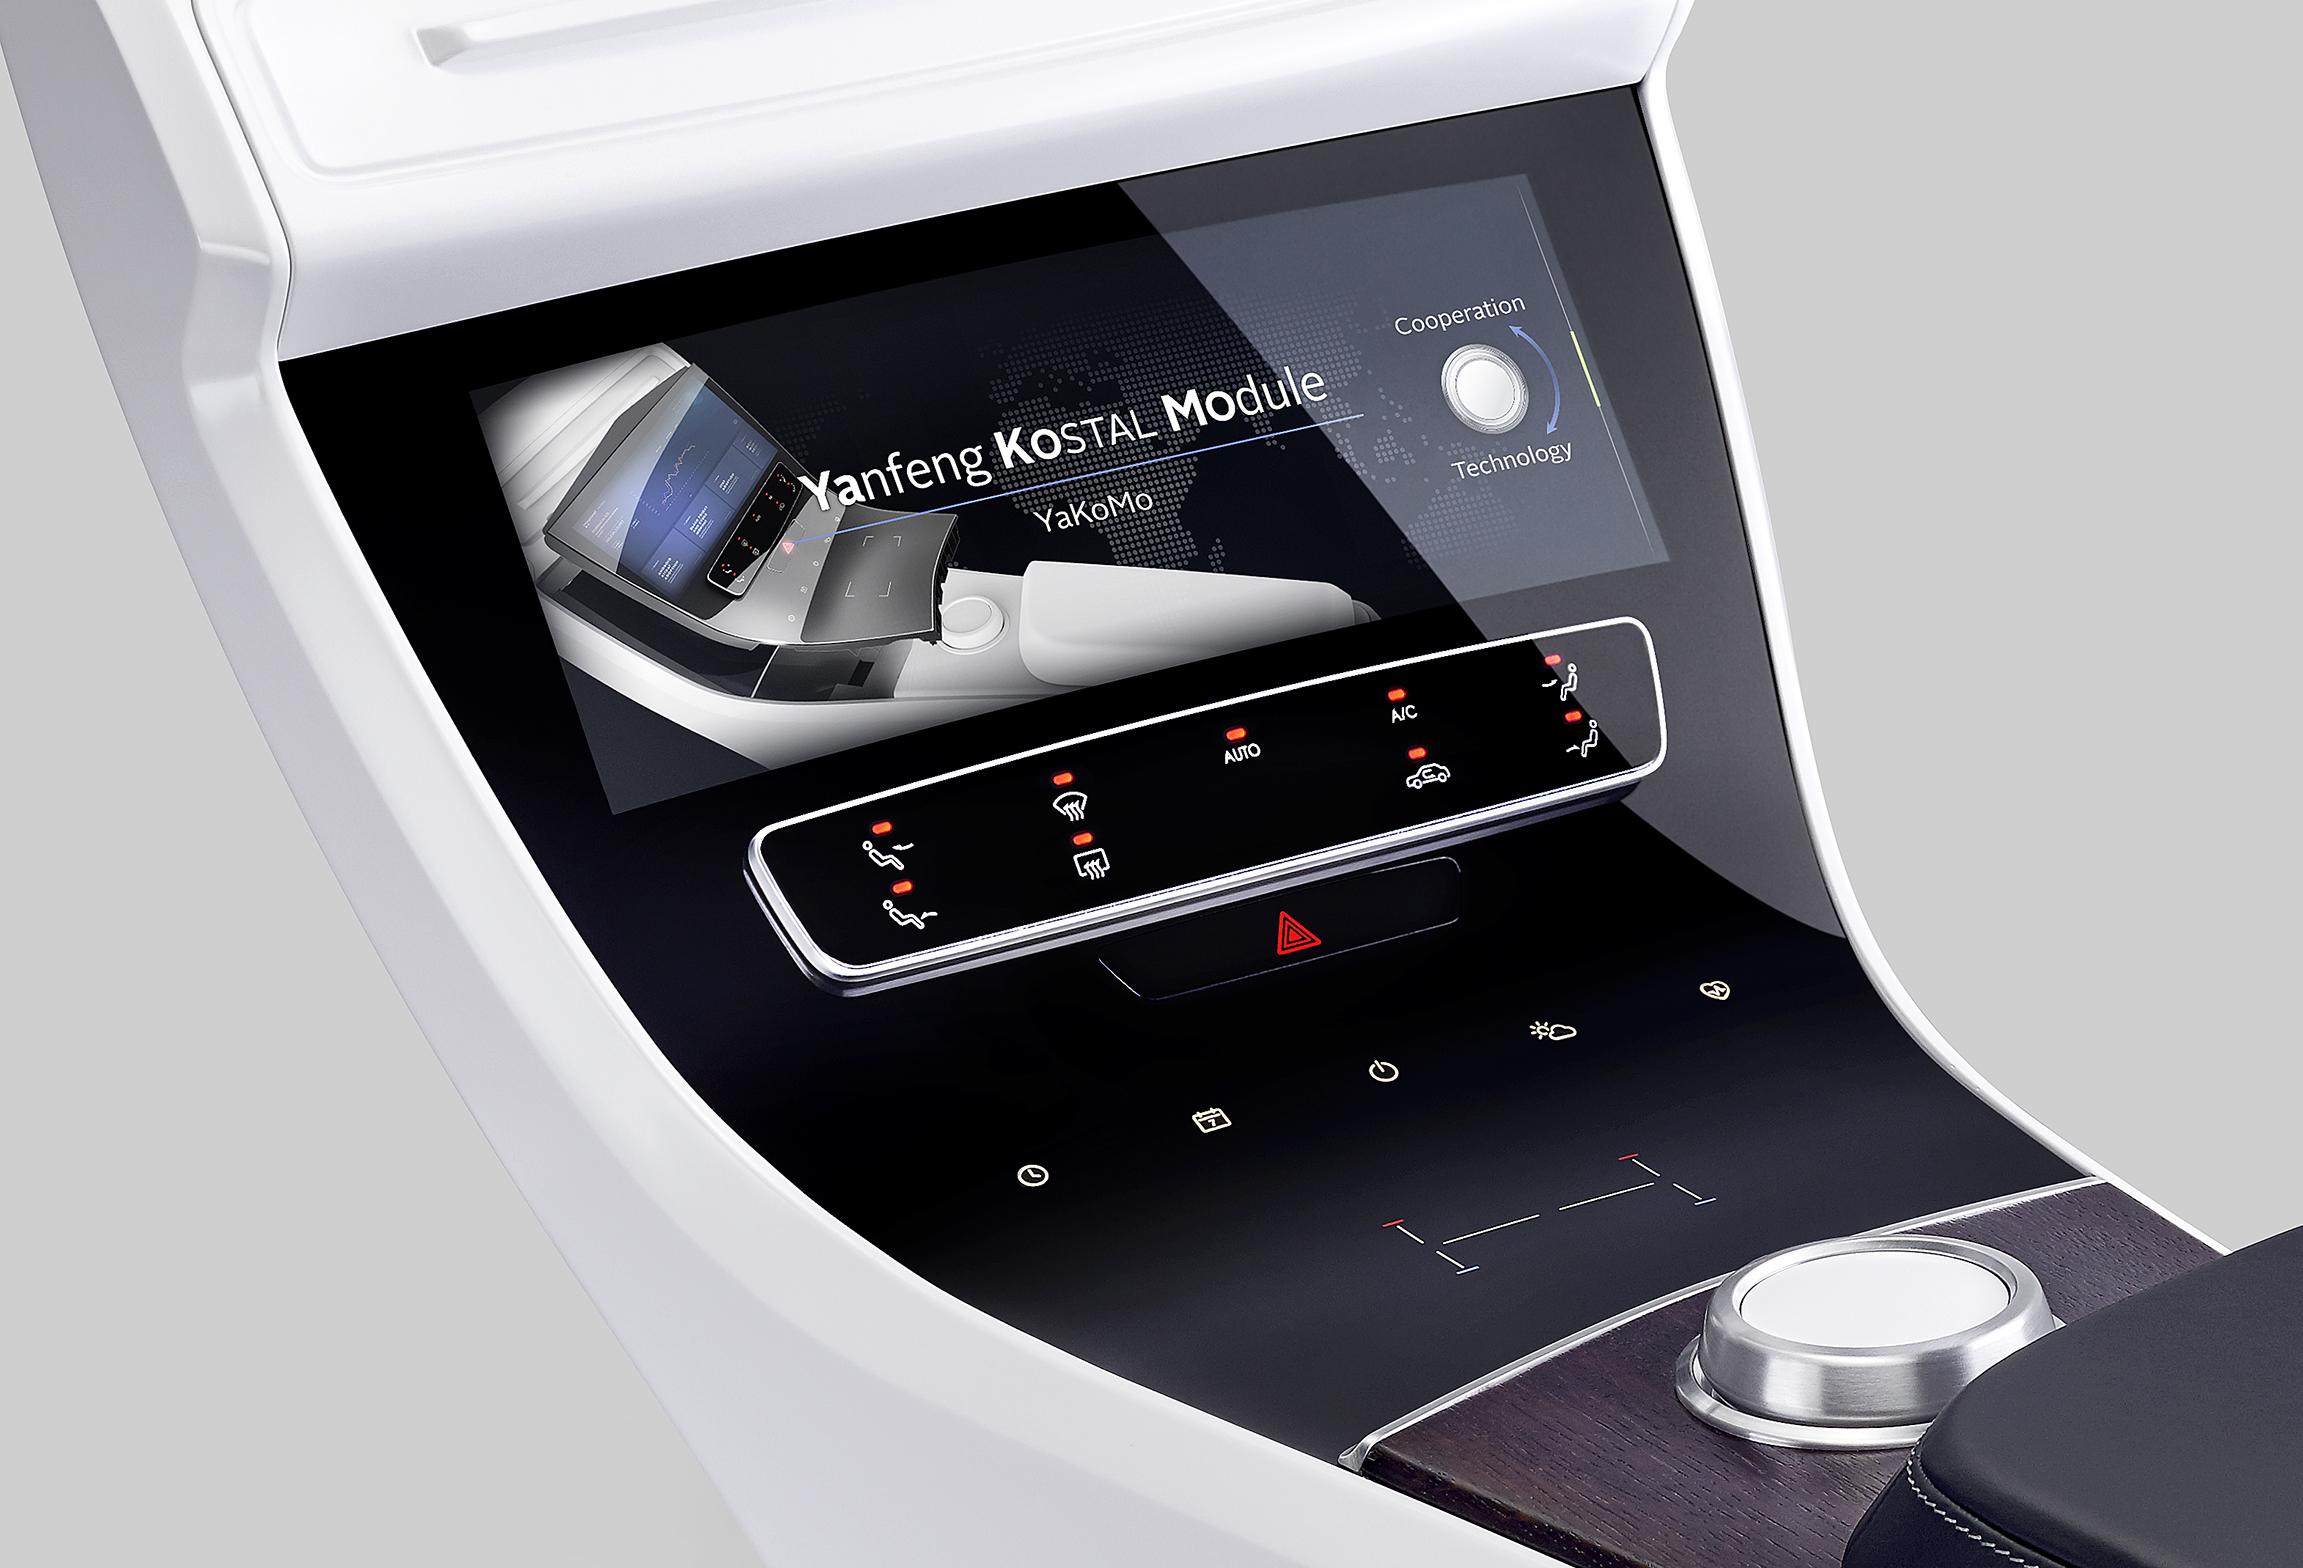 yanfeng automotive interiors und kostal zeigen intelligente oberfl chen im 3d glas design. Black Bedroom Furniture Sets. Home Design Ideas